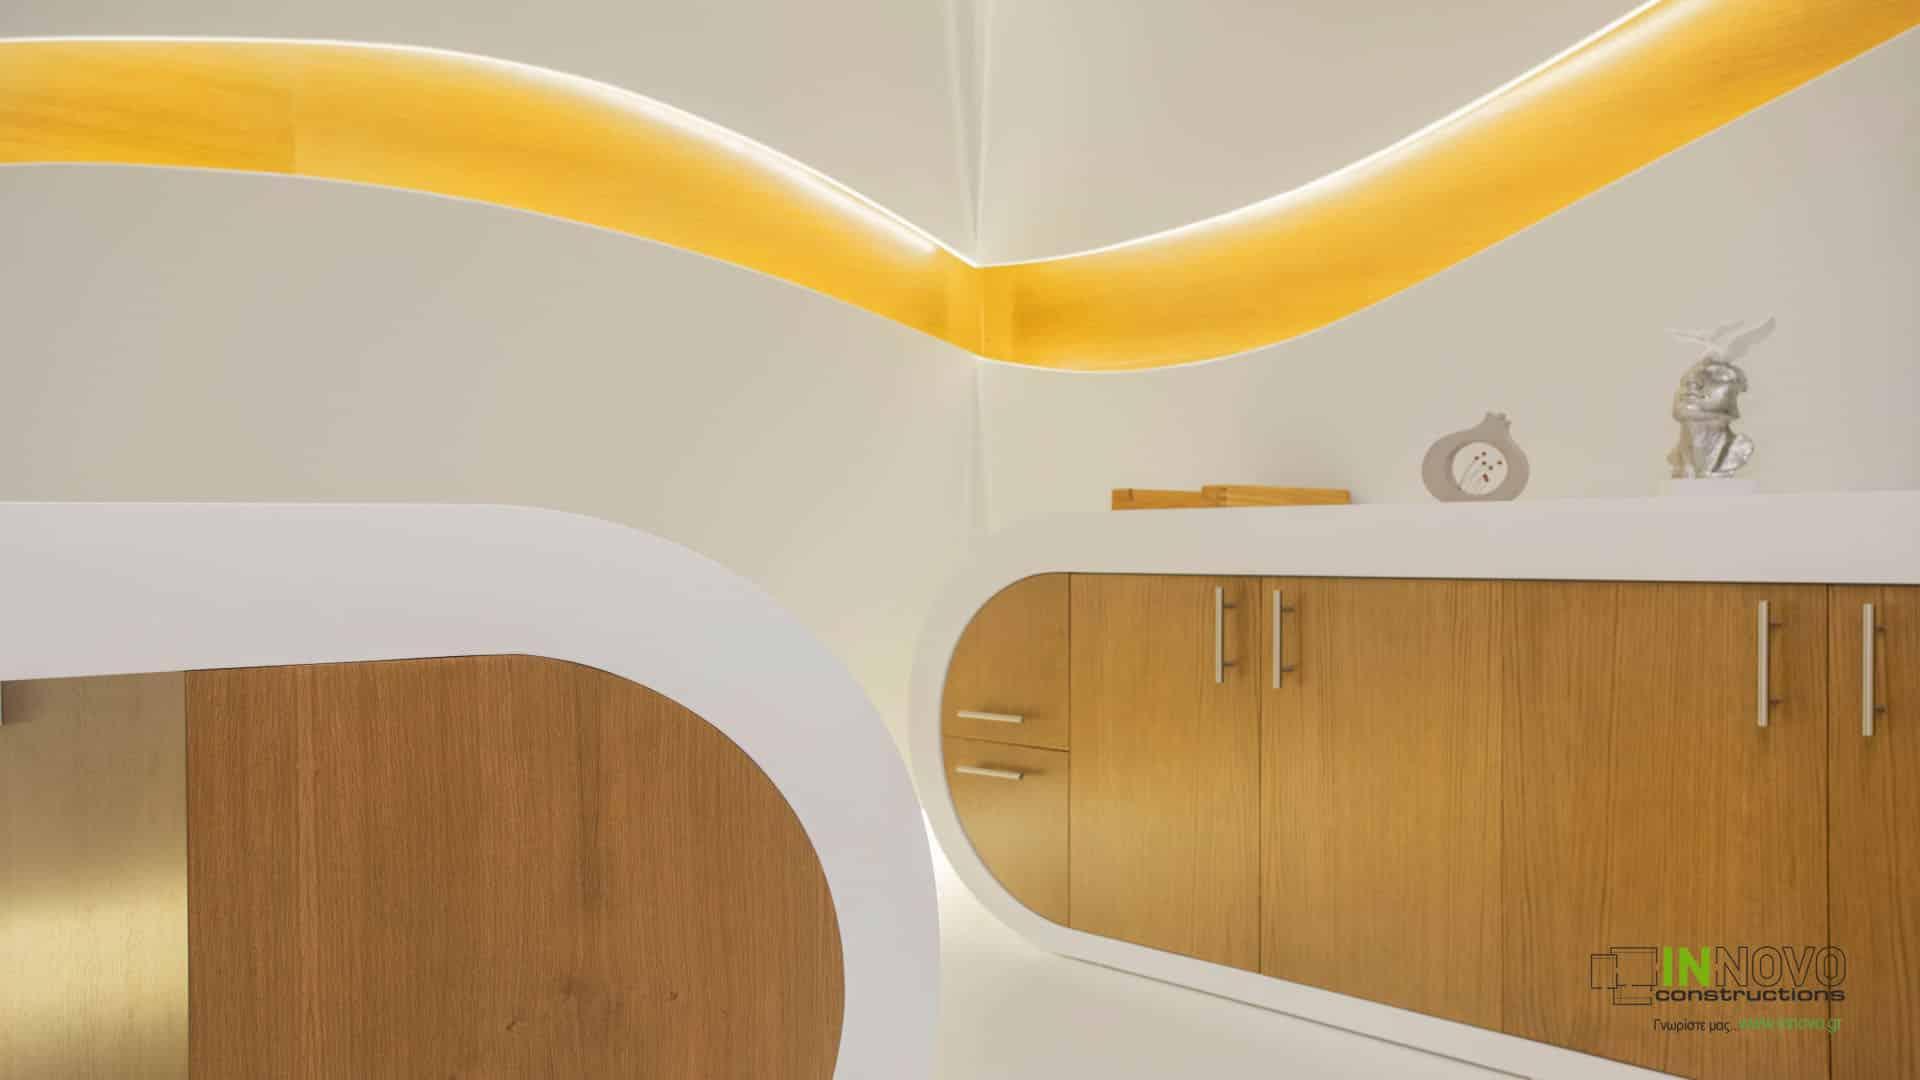 2607-κατασκευη-ωρλ-παλληνh-otolaryngologist-clinic-construstion-office